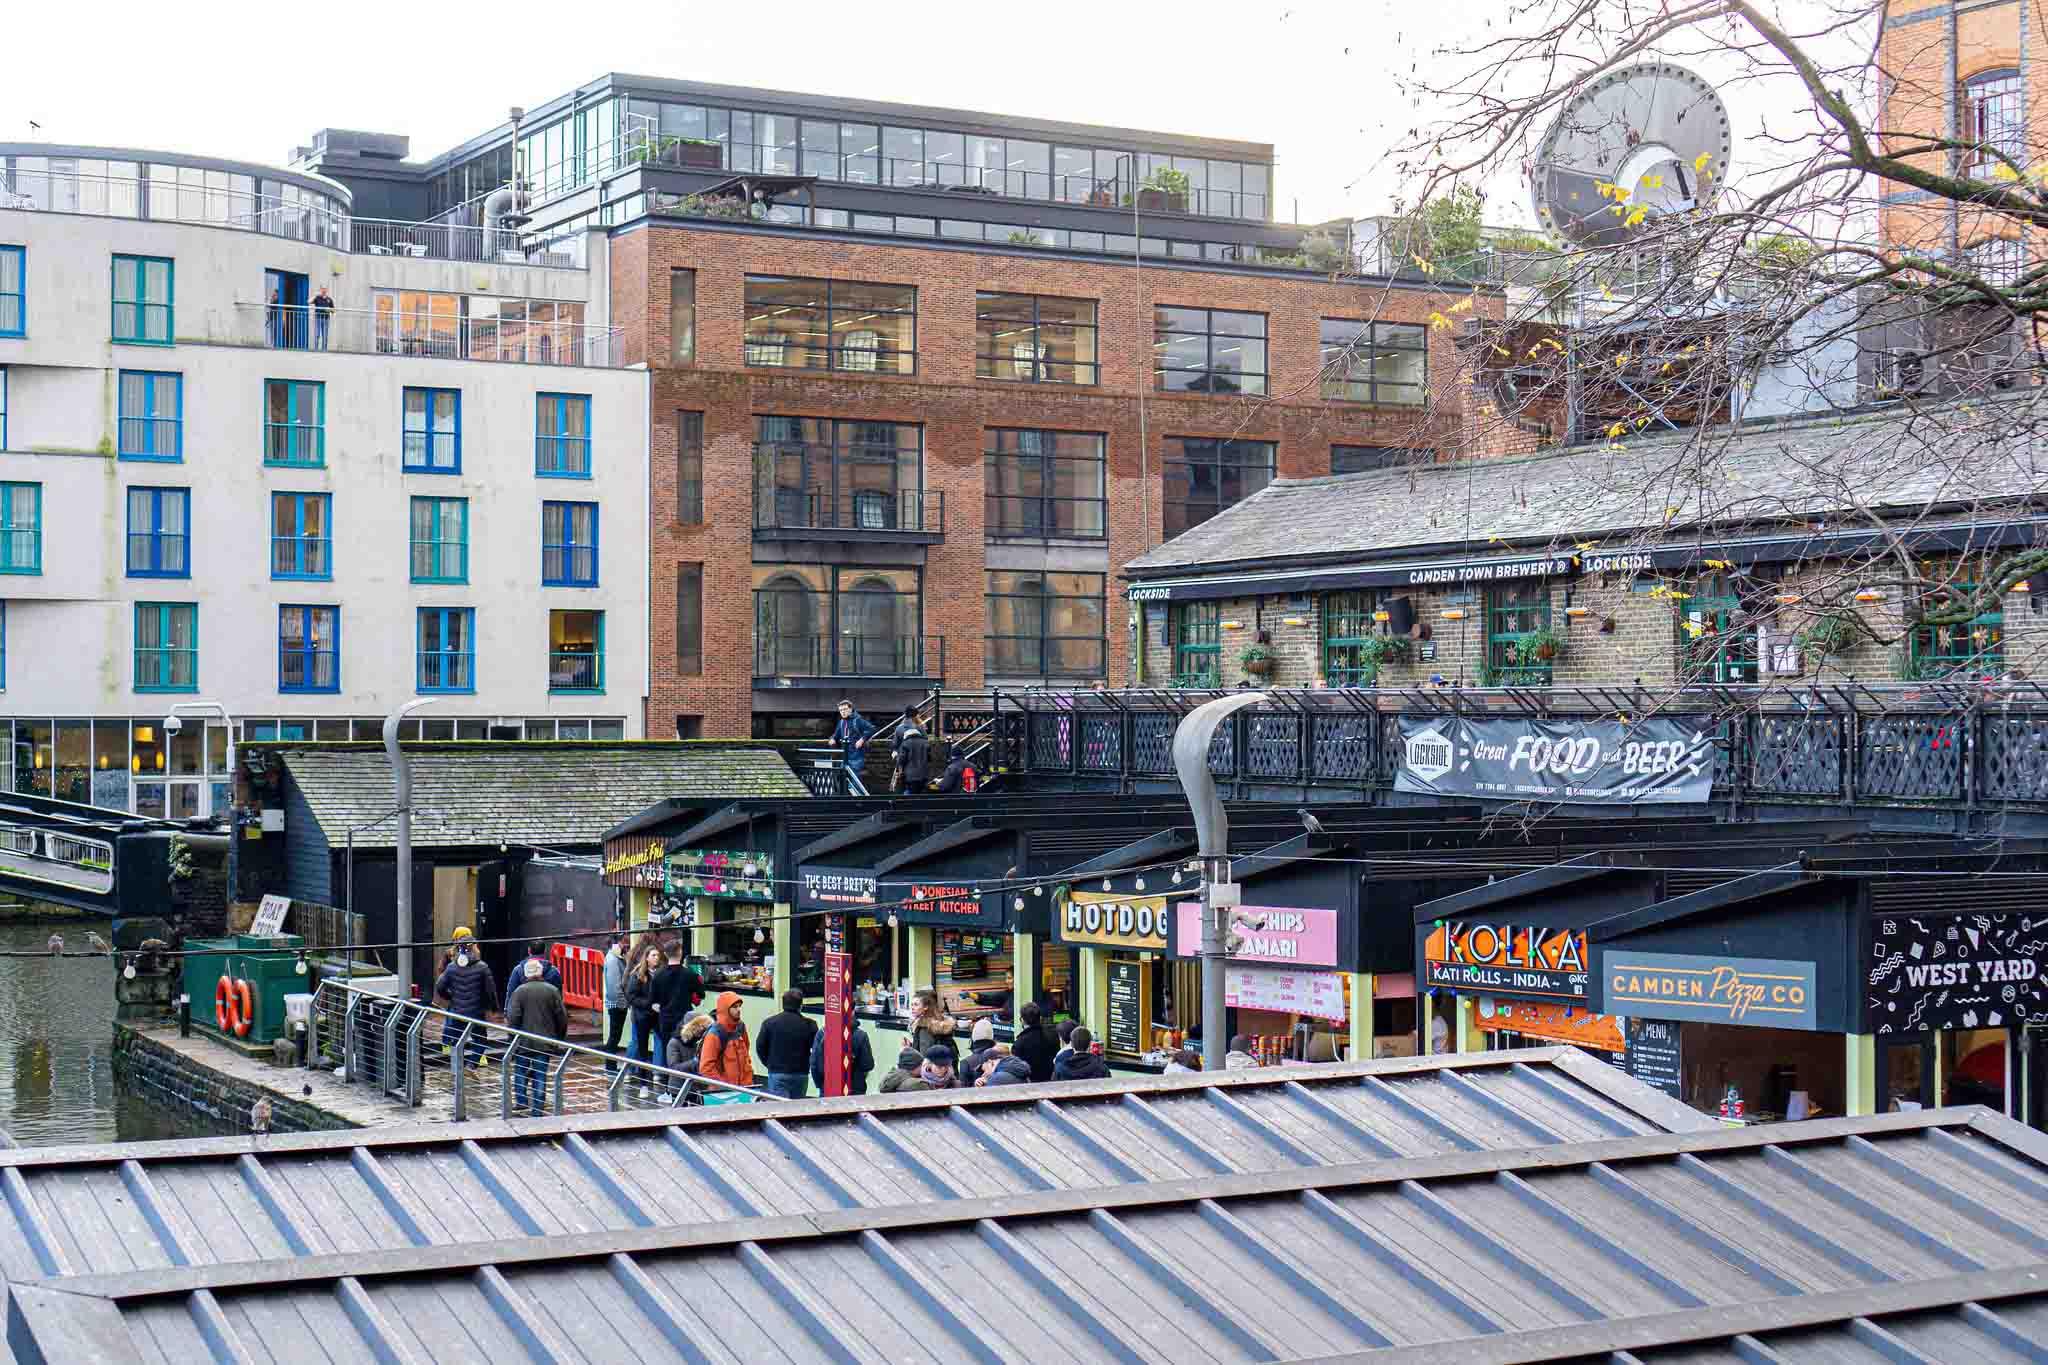 Street Food Market in London